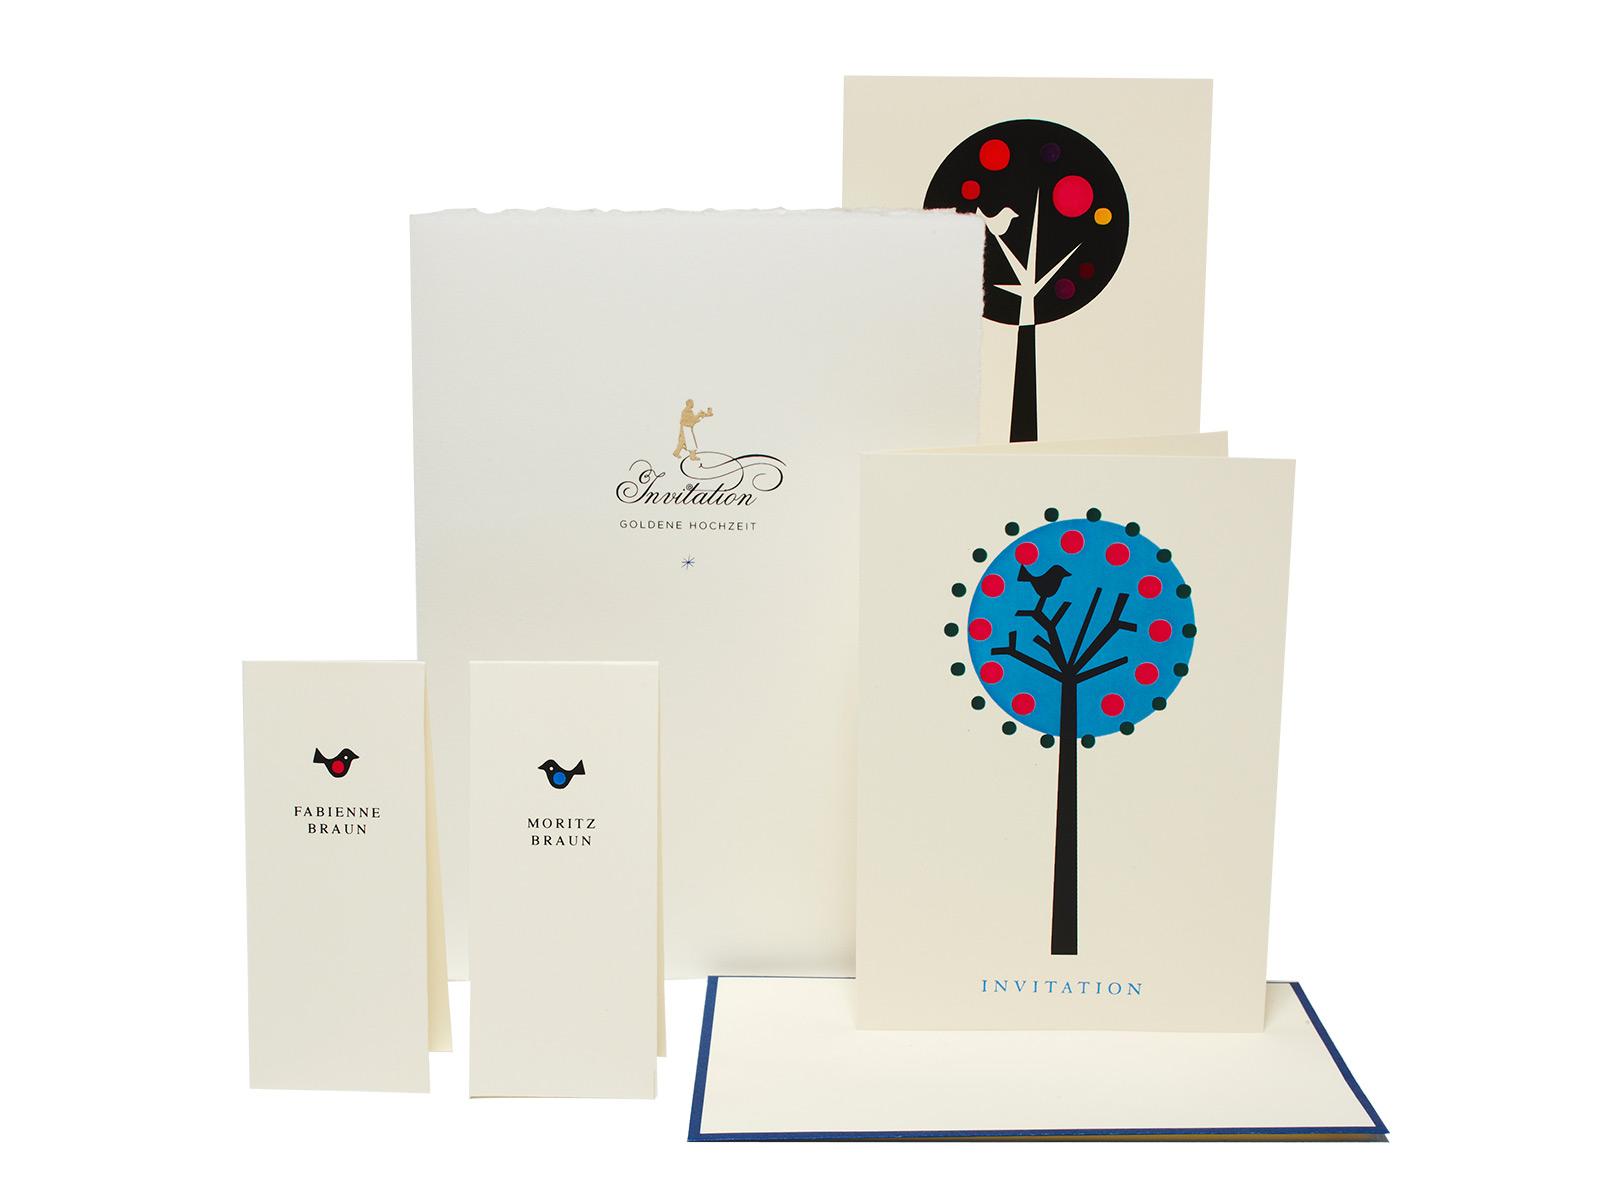 Weihnachtskarten Einladung.Einladungskarten Weihnachtskarten Einladungen